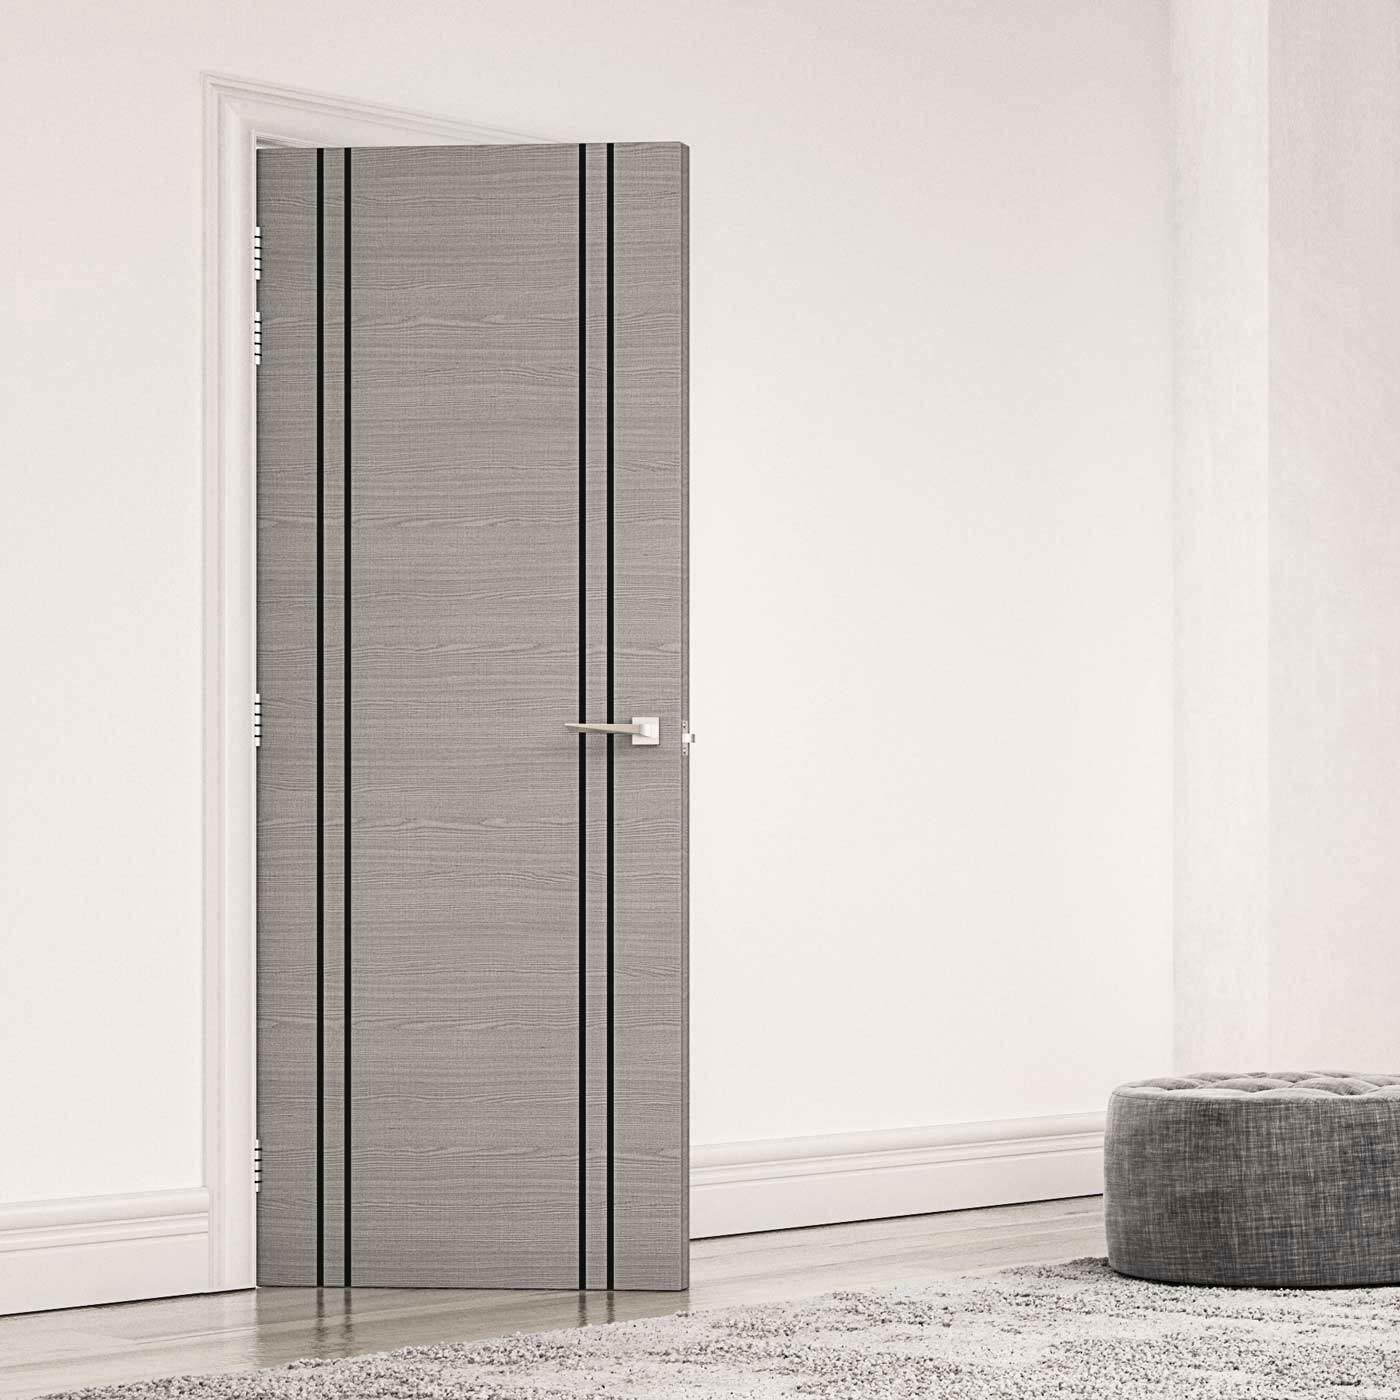 Bespoke Door Flush American Ash Veneer 60 Minute Fire Rated Prefinished Firedoor 1hourfiredoo Veneer Door Fire Doors